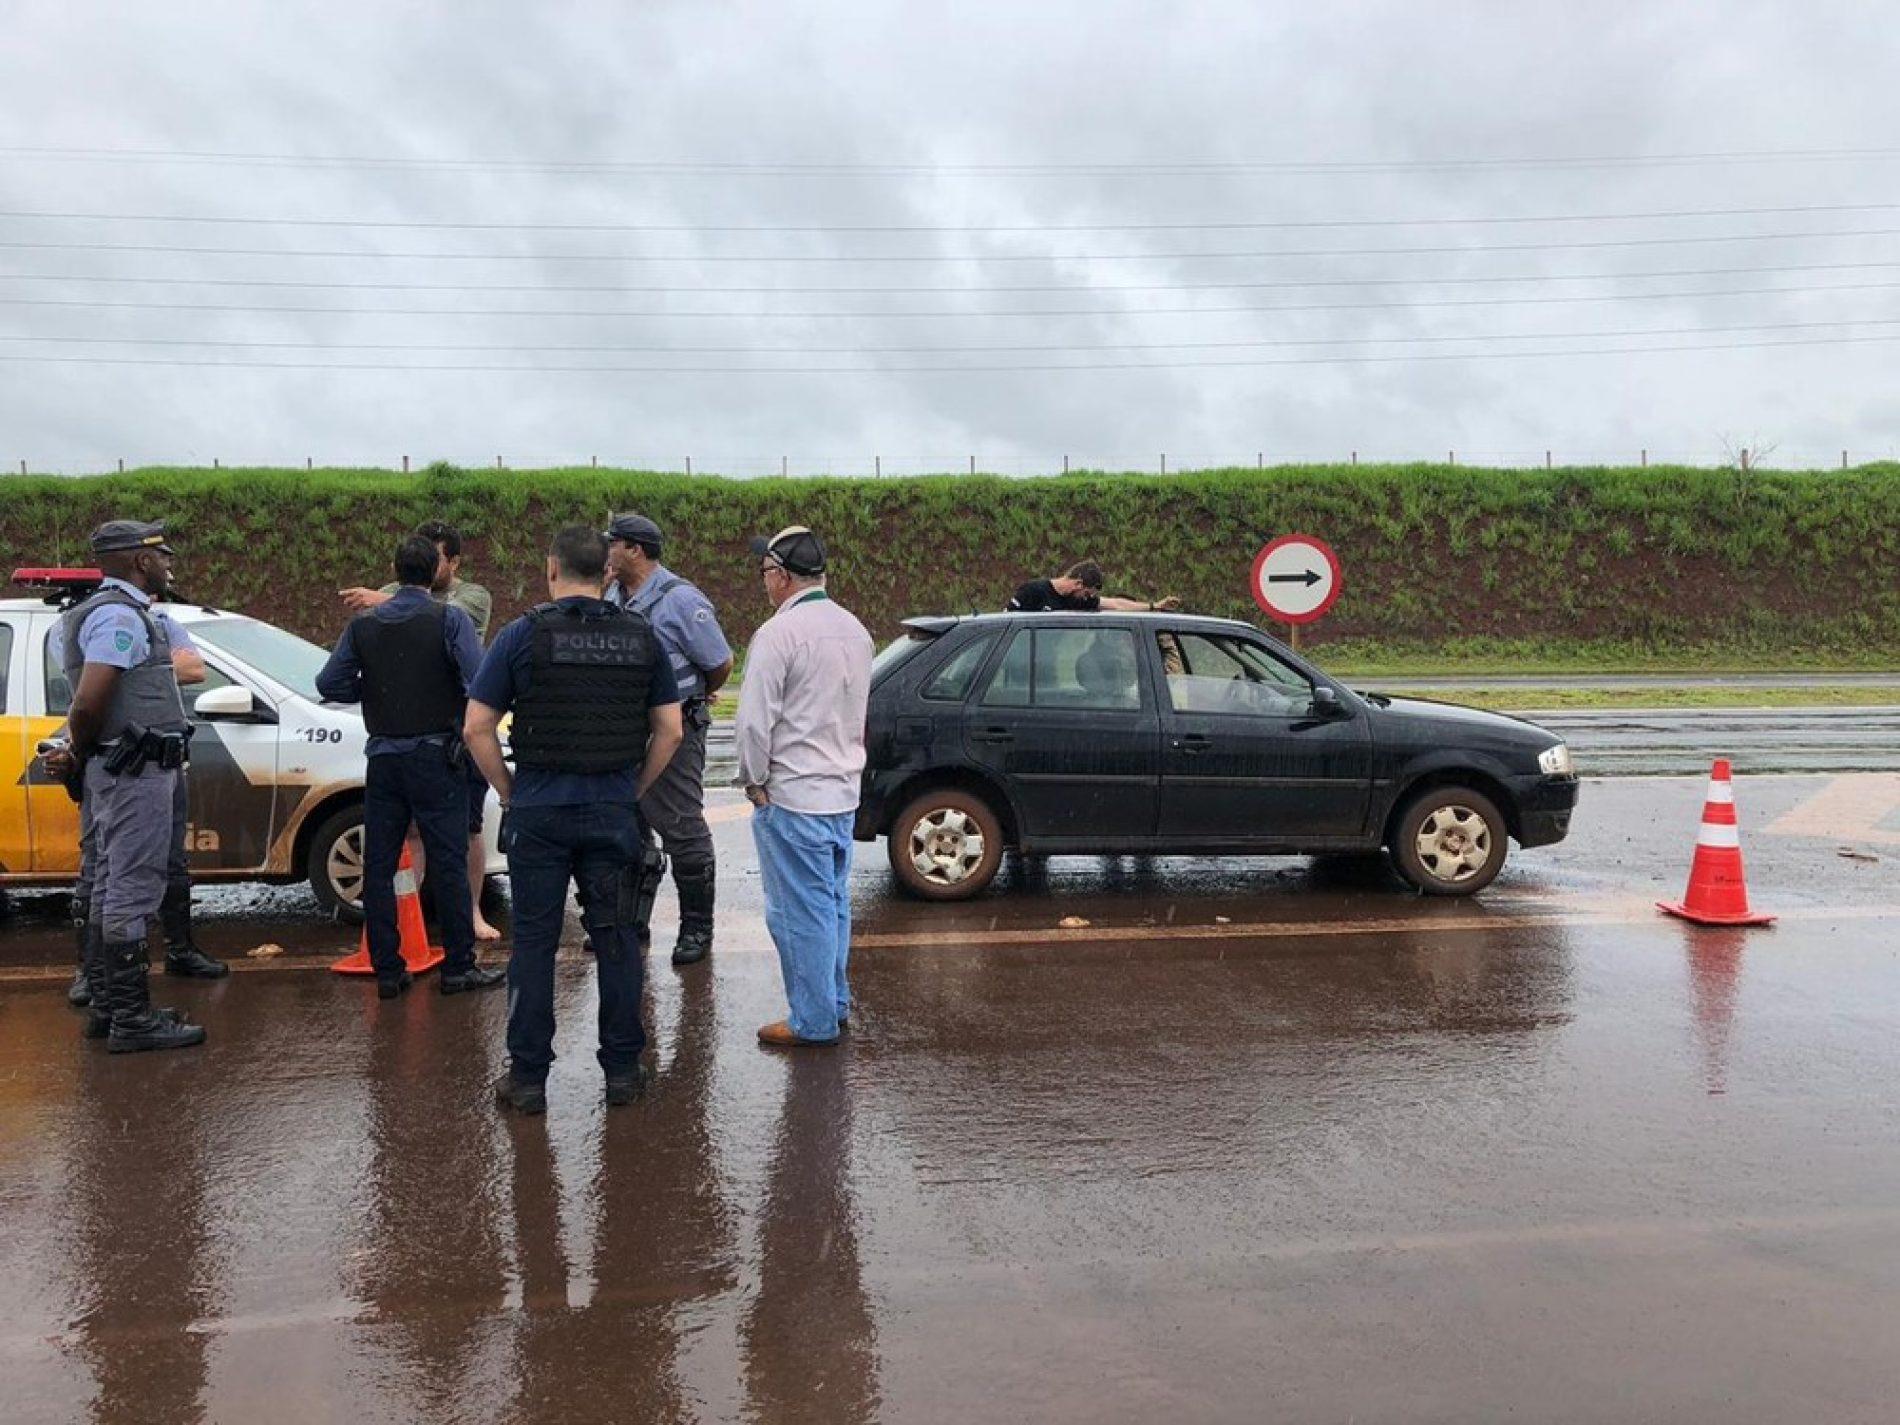 REGIÃO: Produtor rural é feito refém por suspeitos de ataque a bancos em MG e abandonado em Bebedouro